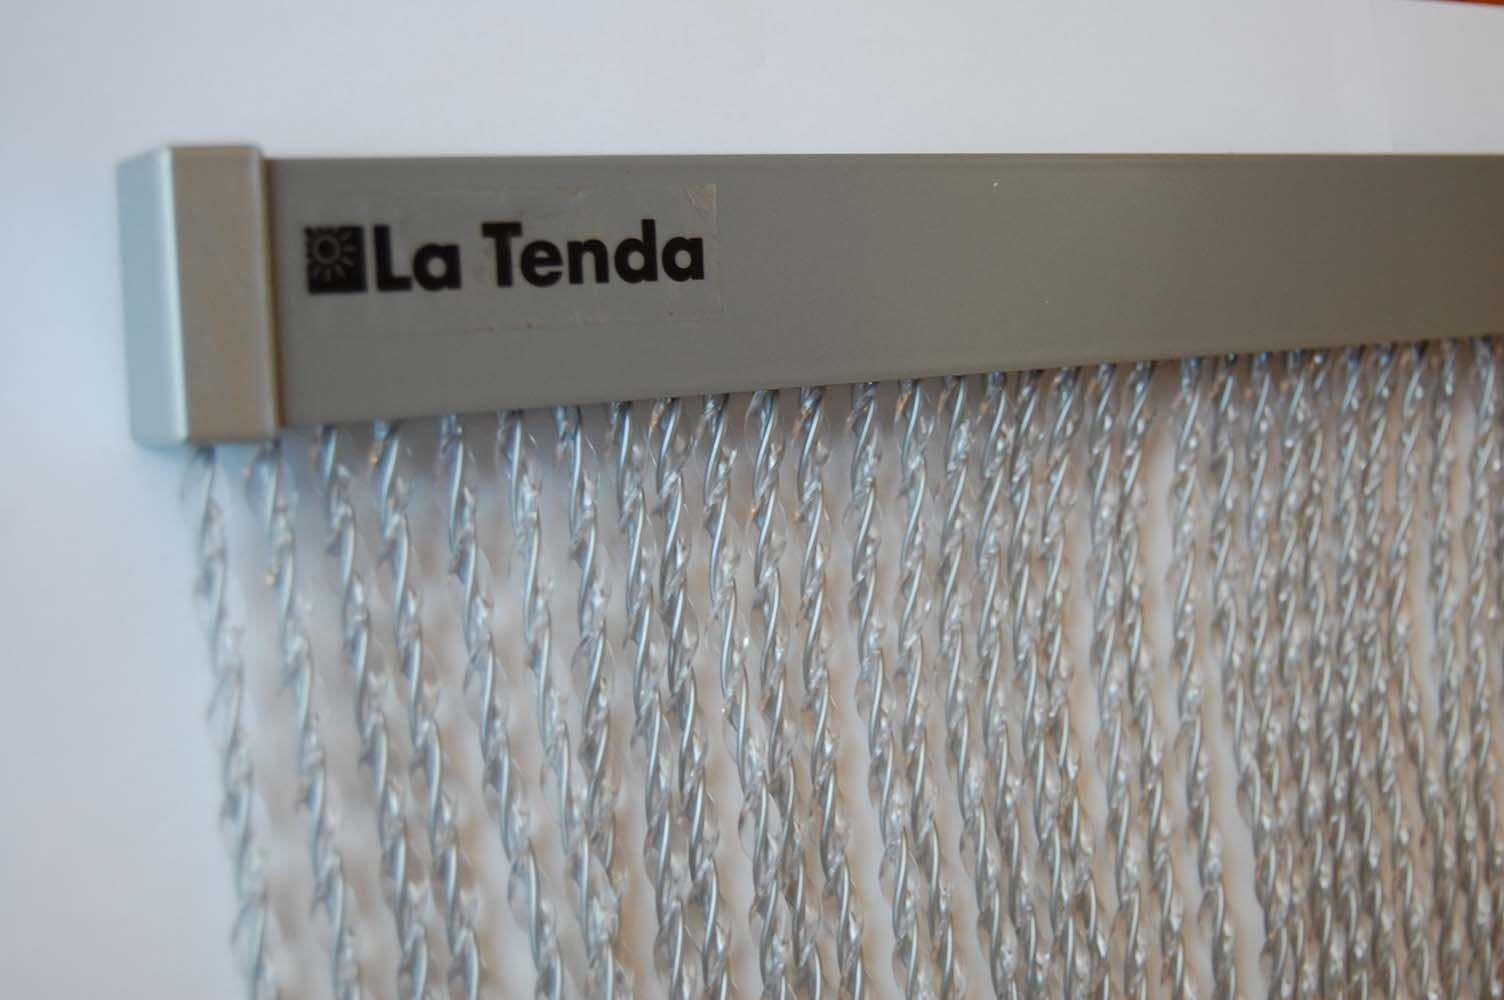 Rideau de porte en aluminium alusax - Rideau de porte exterieur plastique ...